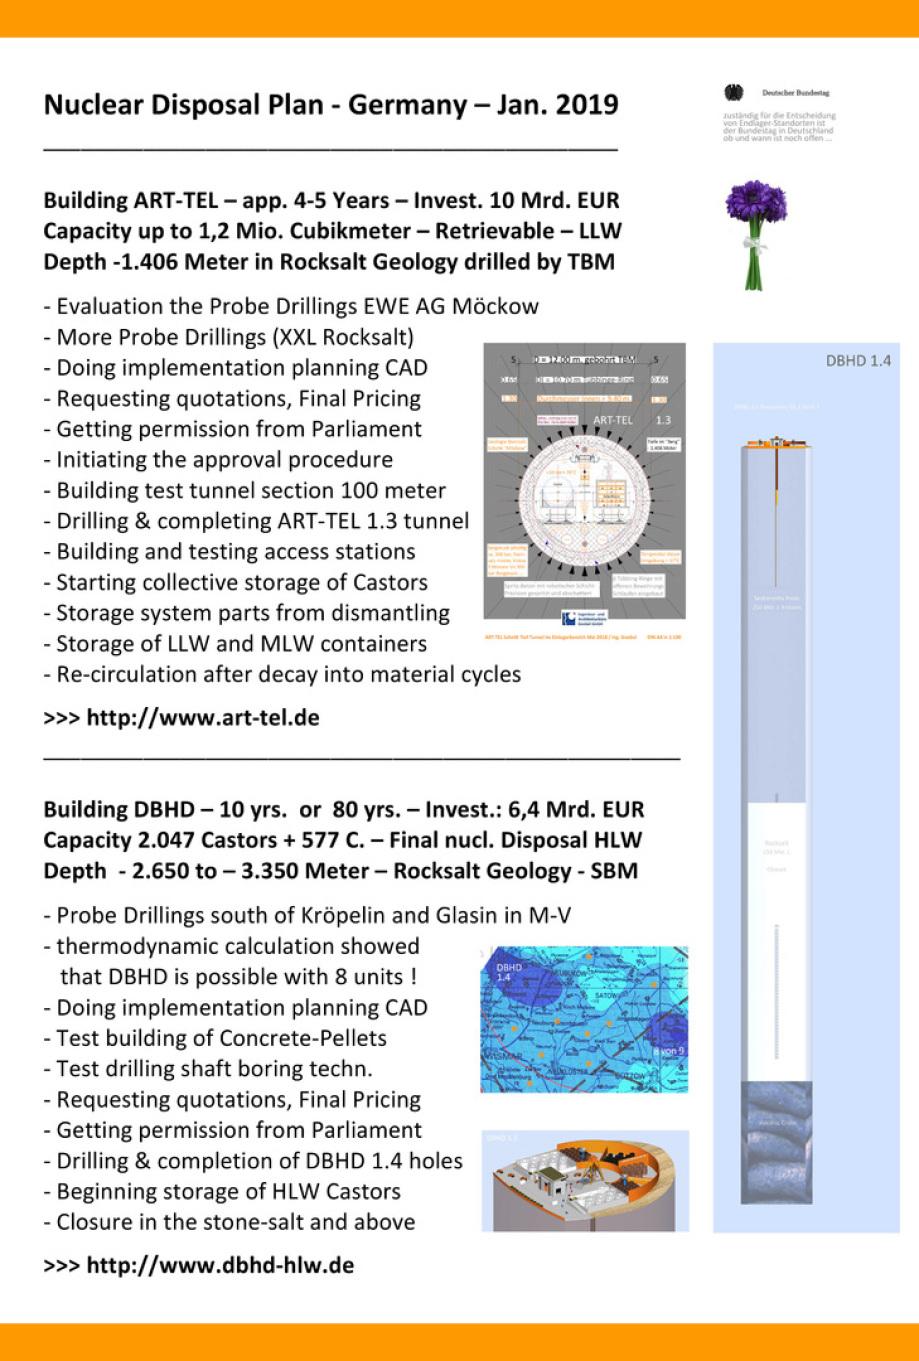 Endlager Planung Deutschland und Schweiz - Atommüll - leicht, mittel und hoch radioaktive Reststoffe